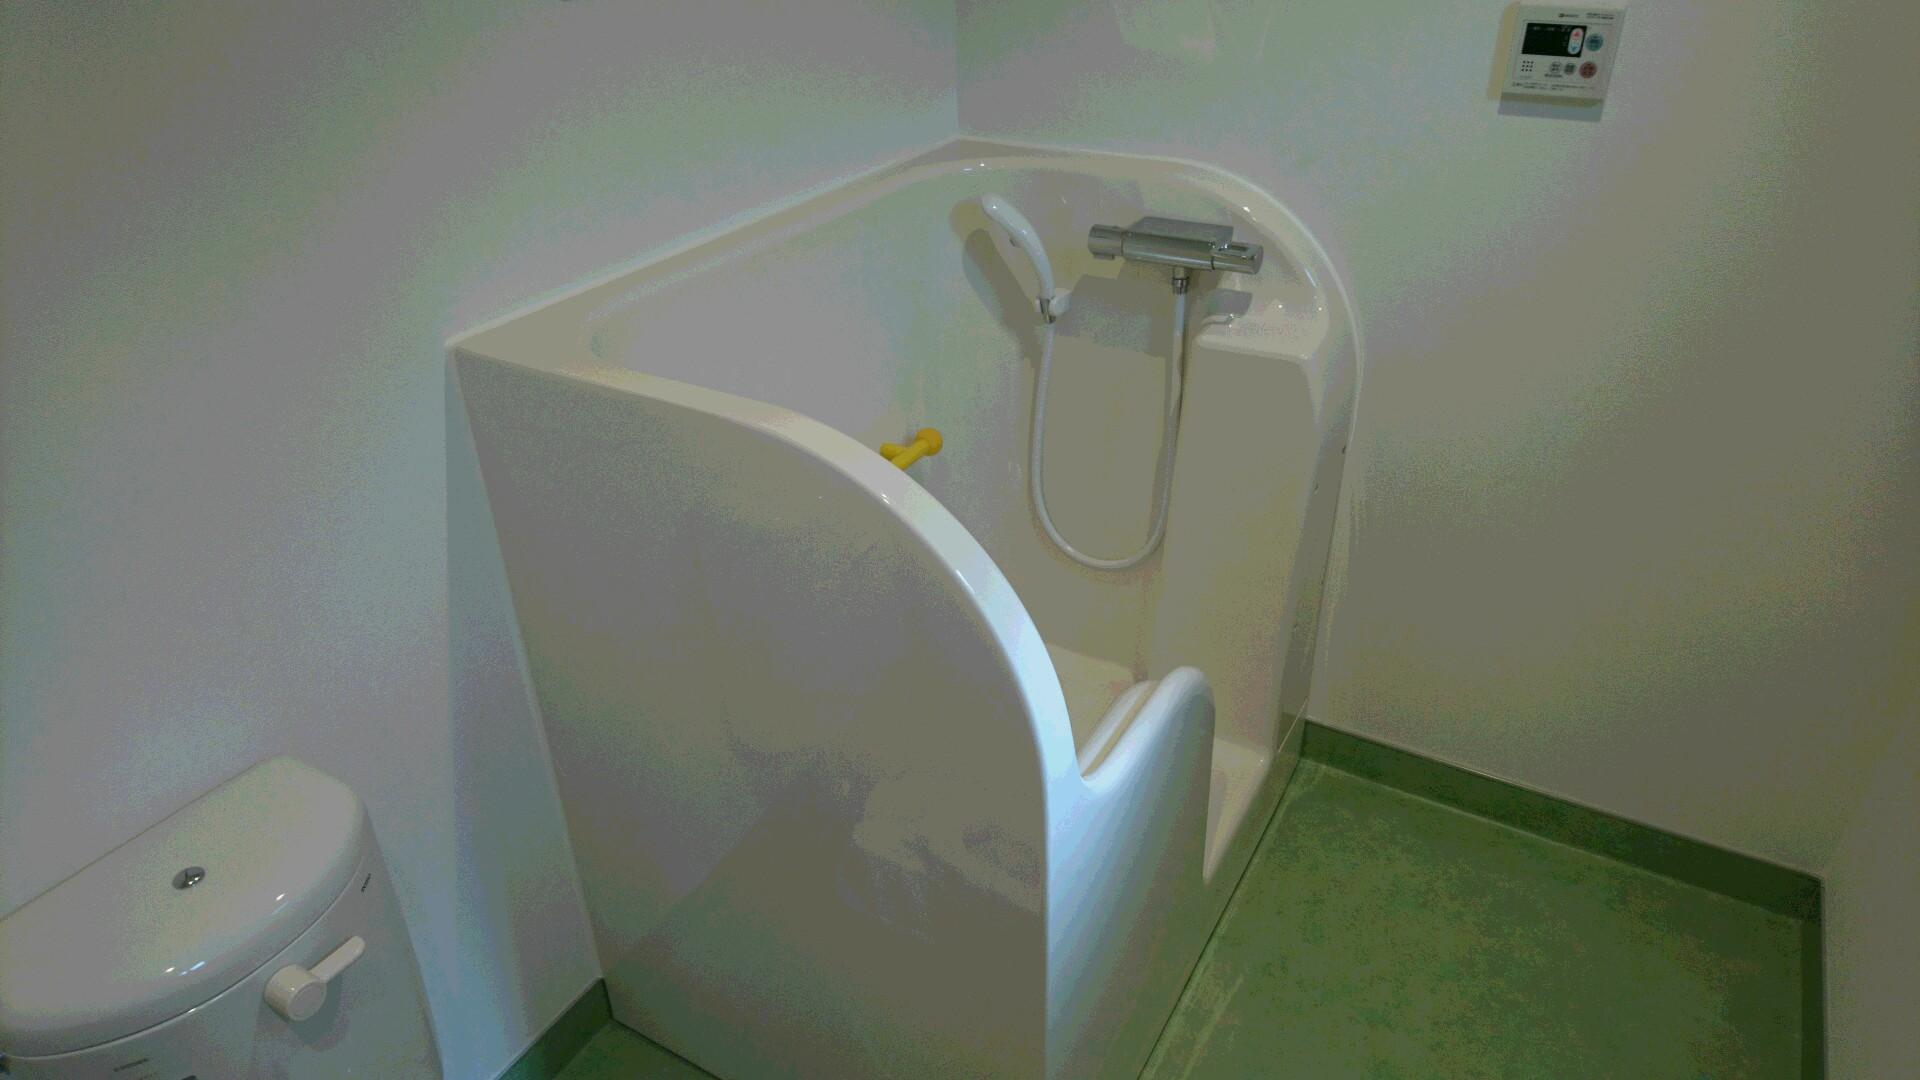 療育室に設置されている幼児用シャワー